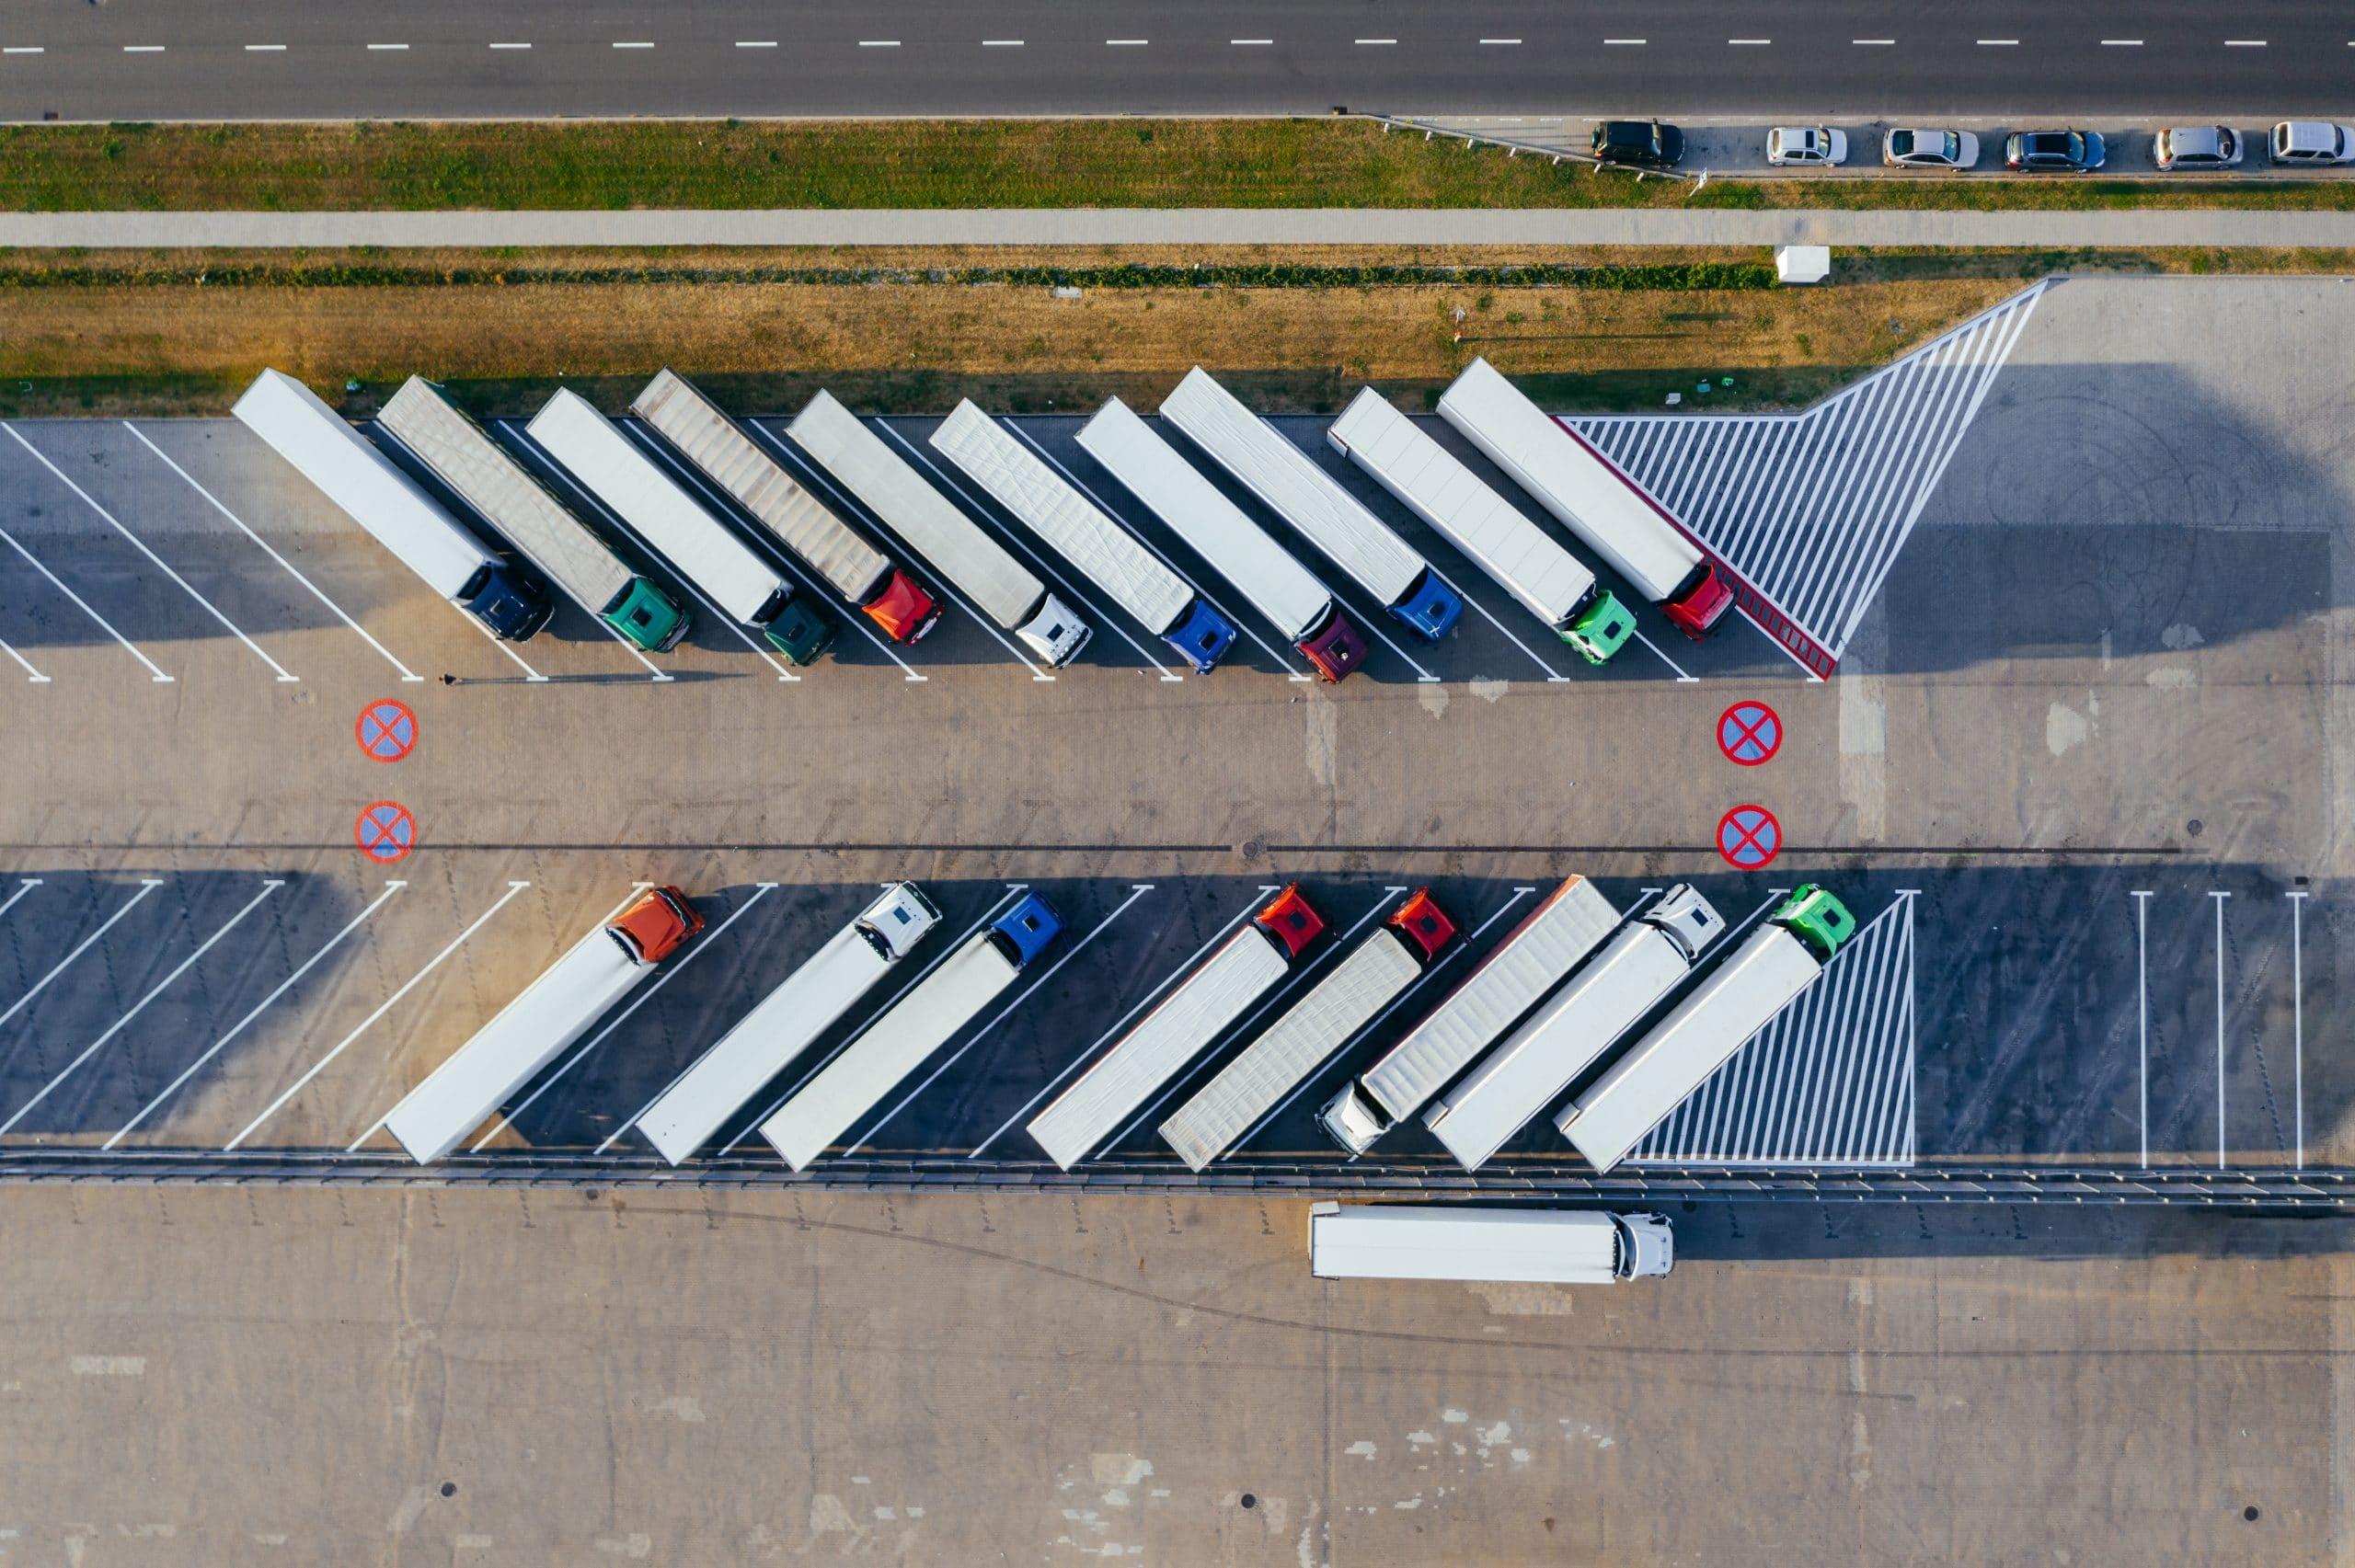 Trucks at parking bay